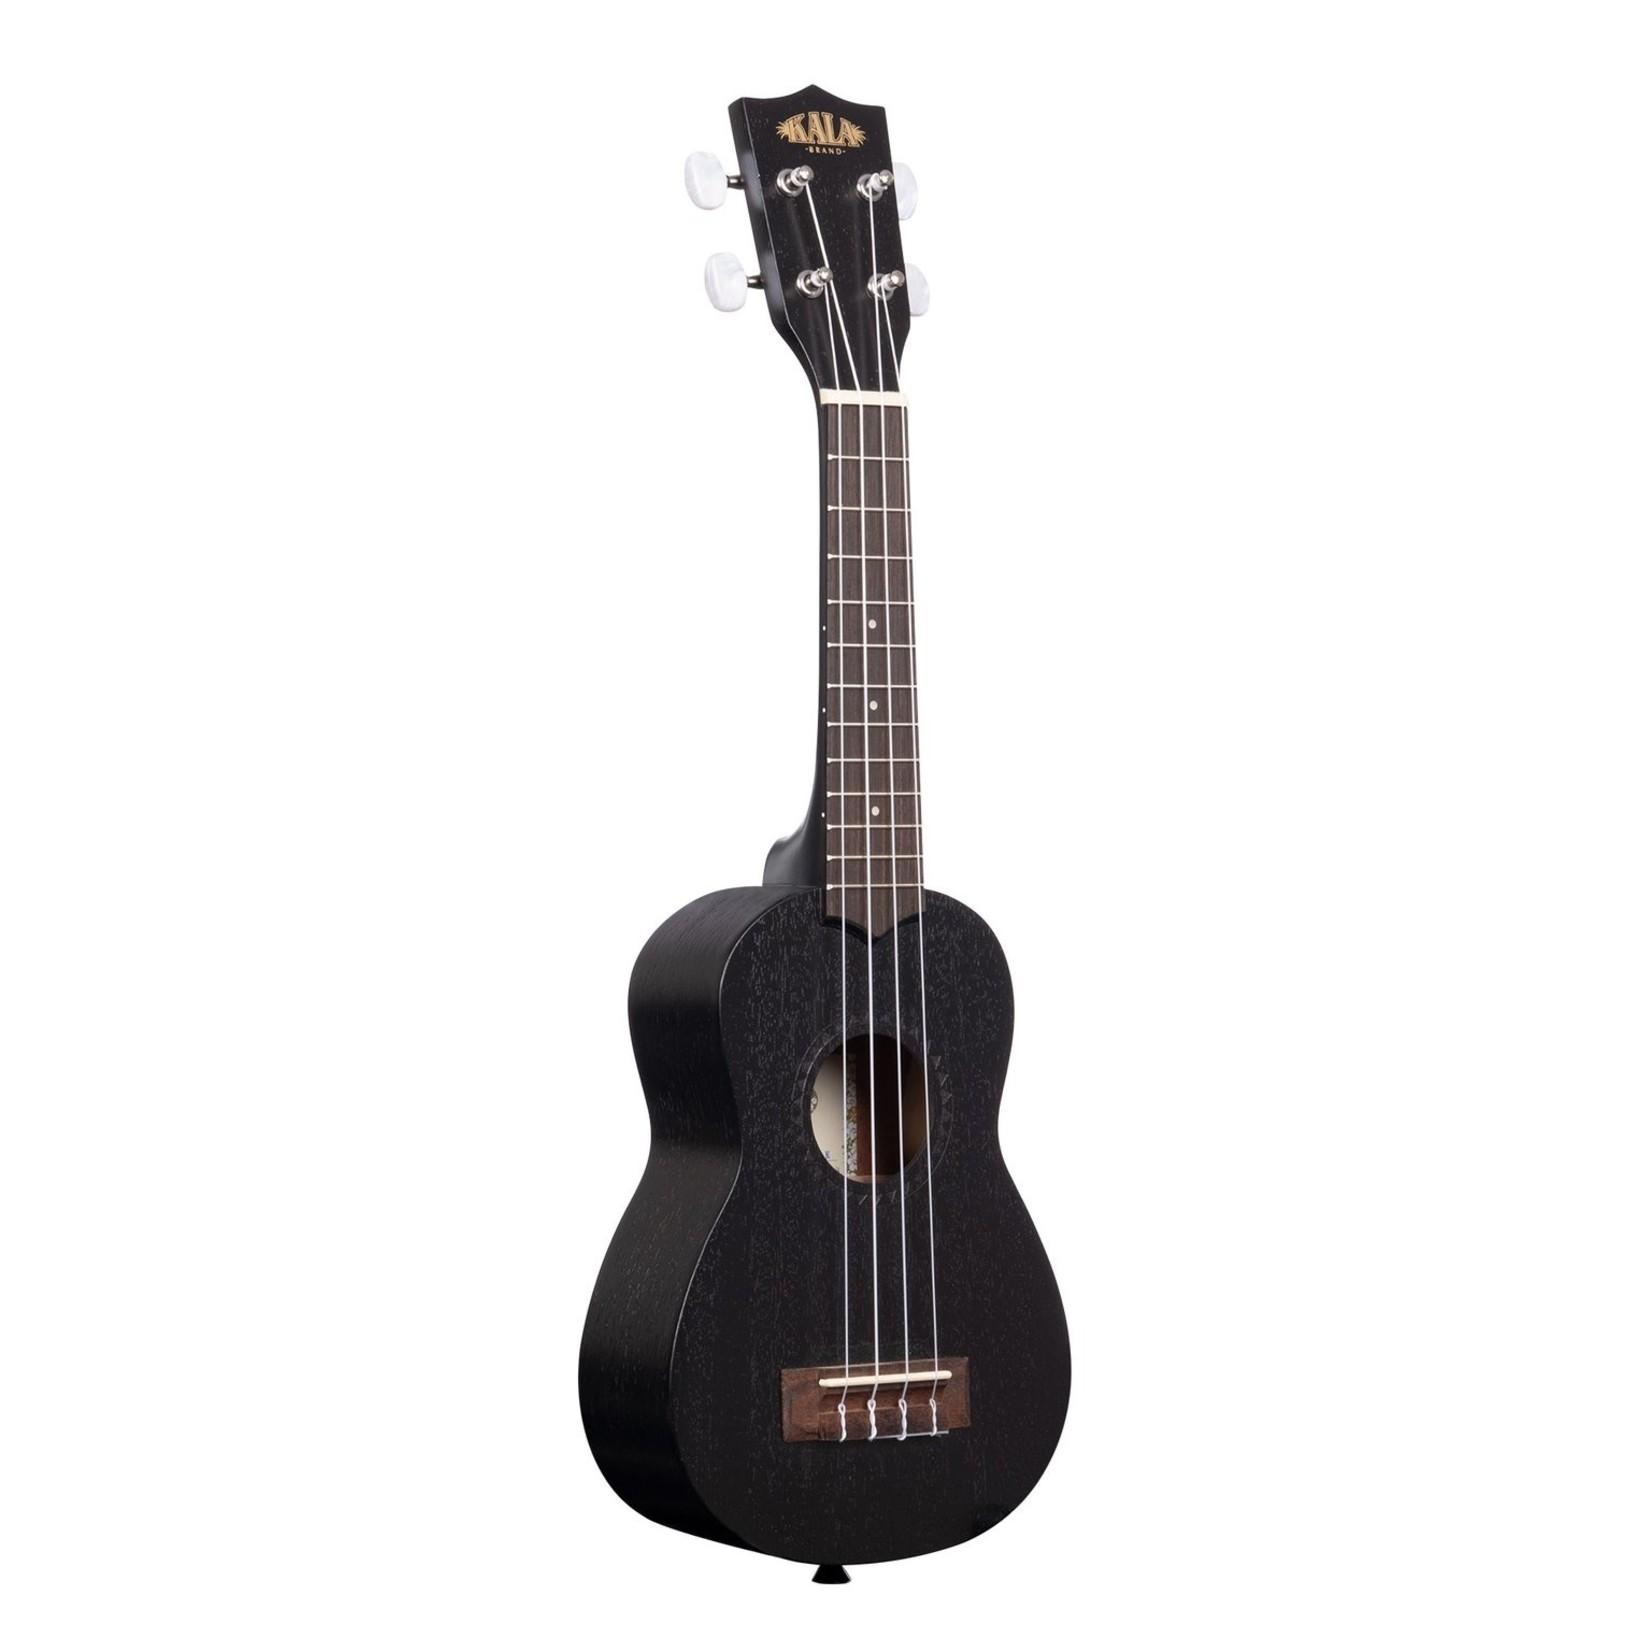 Kala Kala KA-15S-BLK Black Satin Mahogany Soprano Ukulele